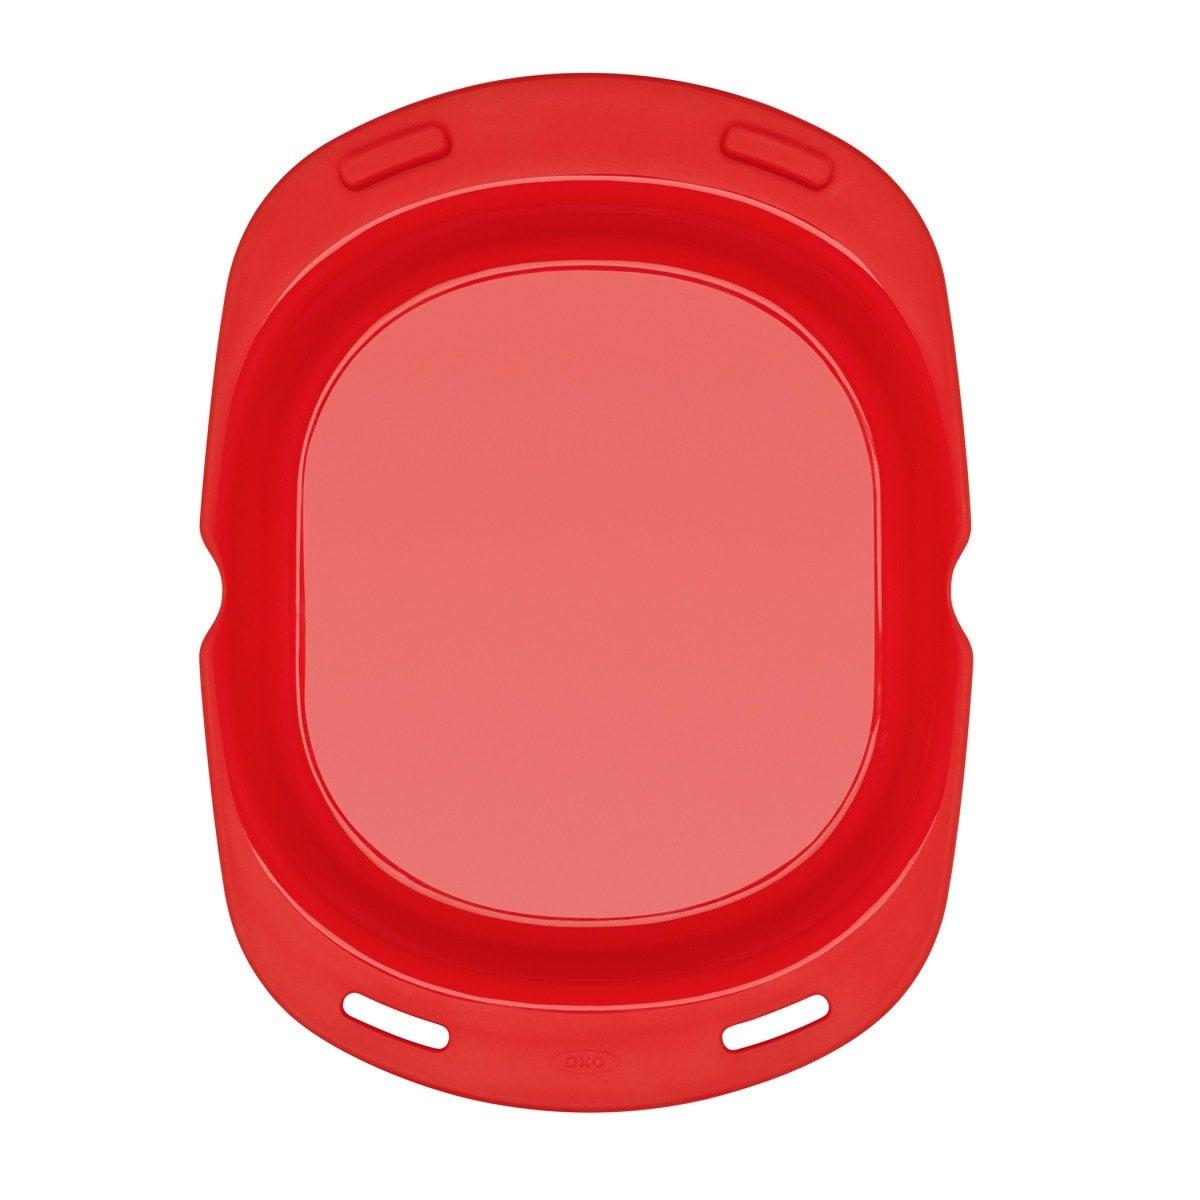 Oxo Omelette Maker, rouge, vue d'en haut 3